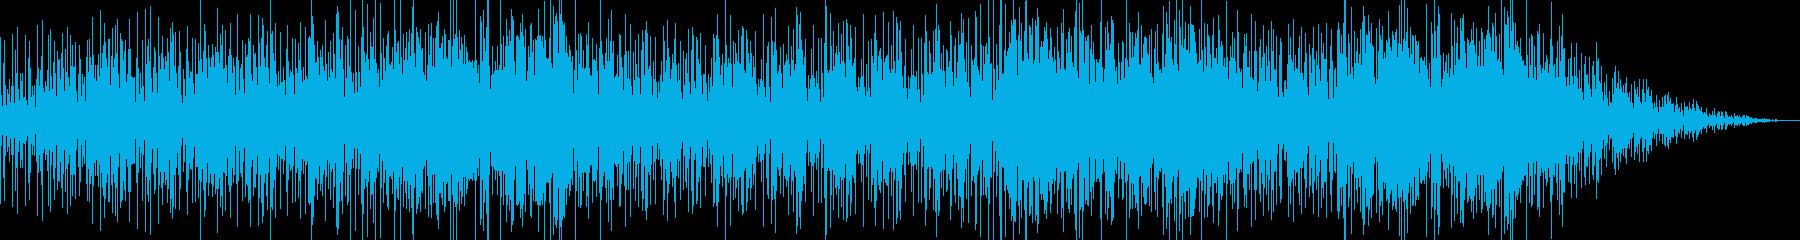 爽やかなバウンドサウンドの洋楽風ポップスの再生済みの波形